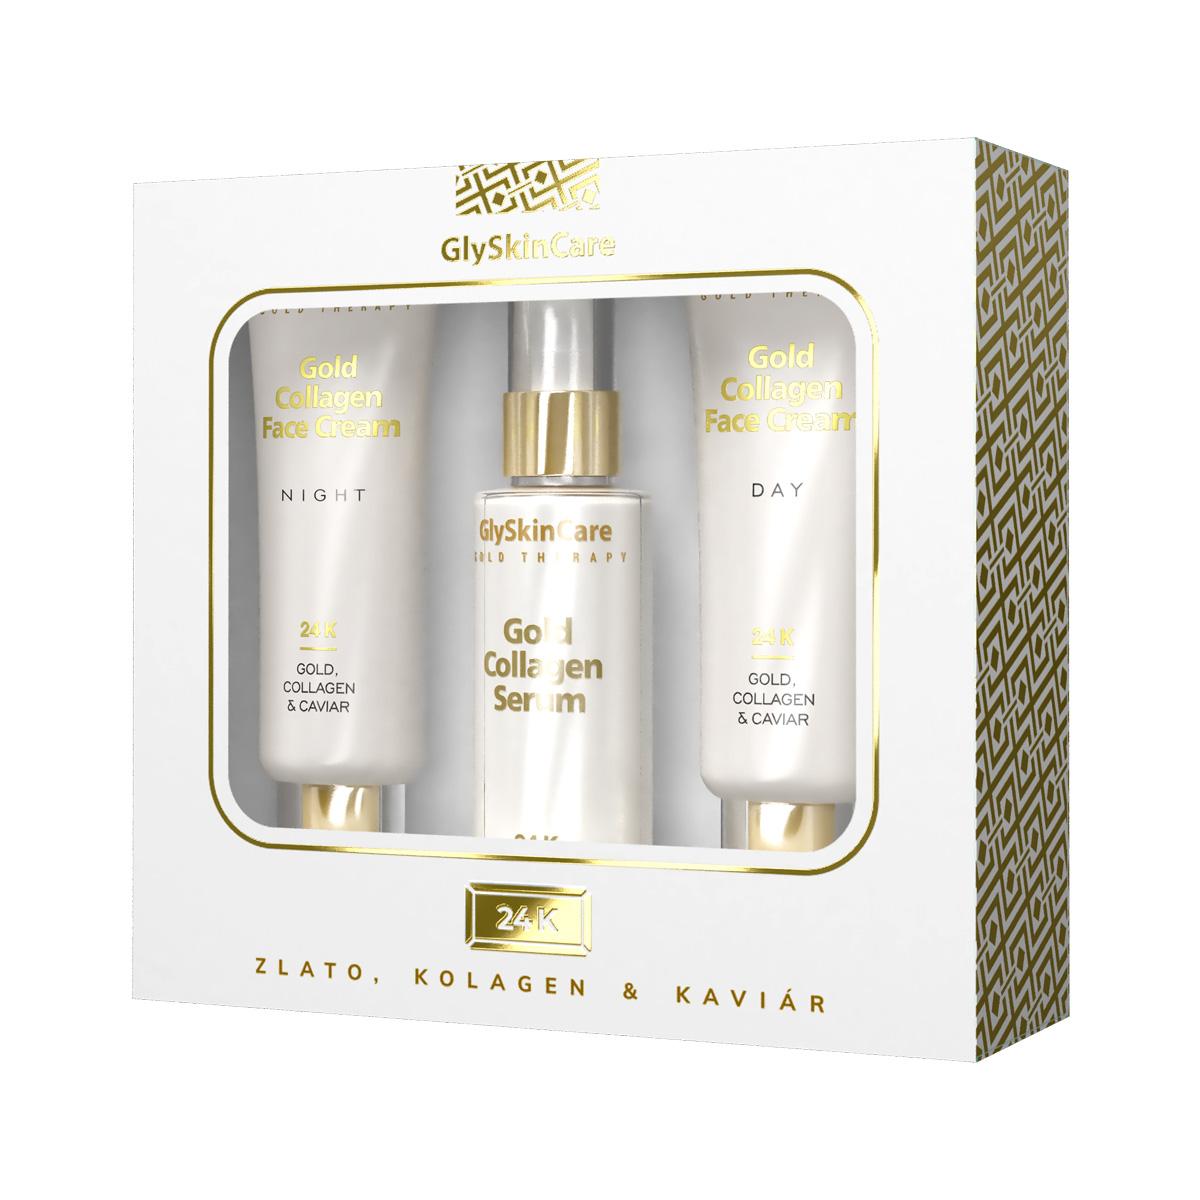 Biotter zlatá sada krém na obličej se zlatem denní + noční + sérum 3x50ml